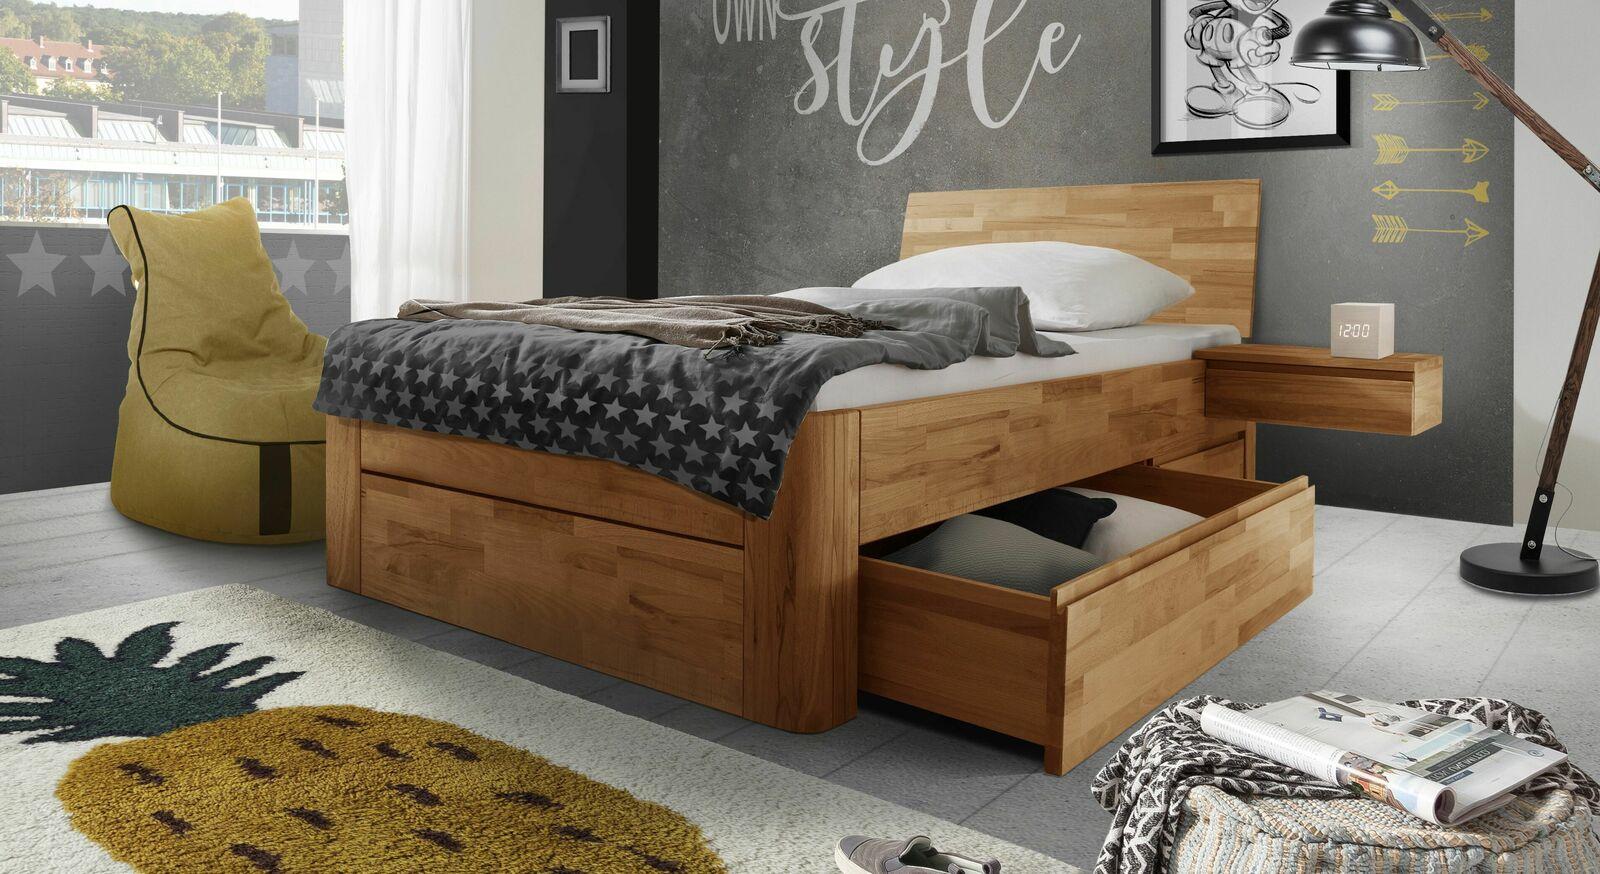 Schubkasten-Einzelbett Zarbo mit praktischer Stauraum-Möglichkeit